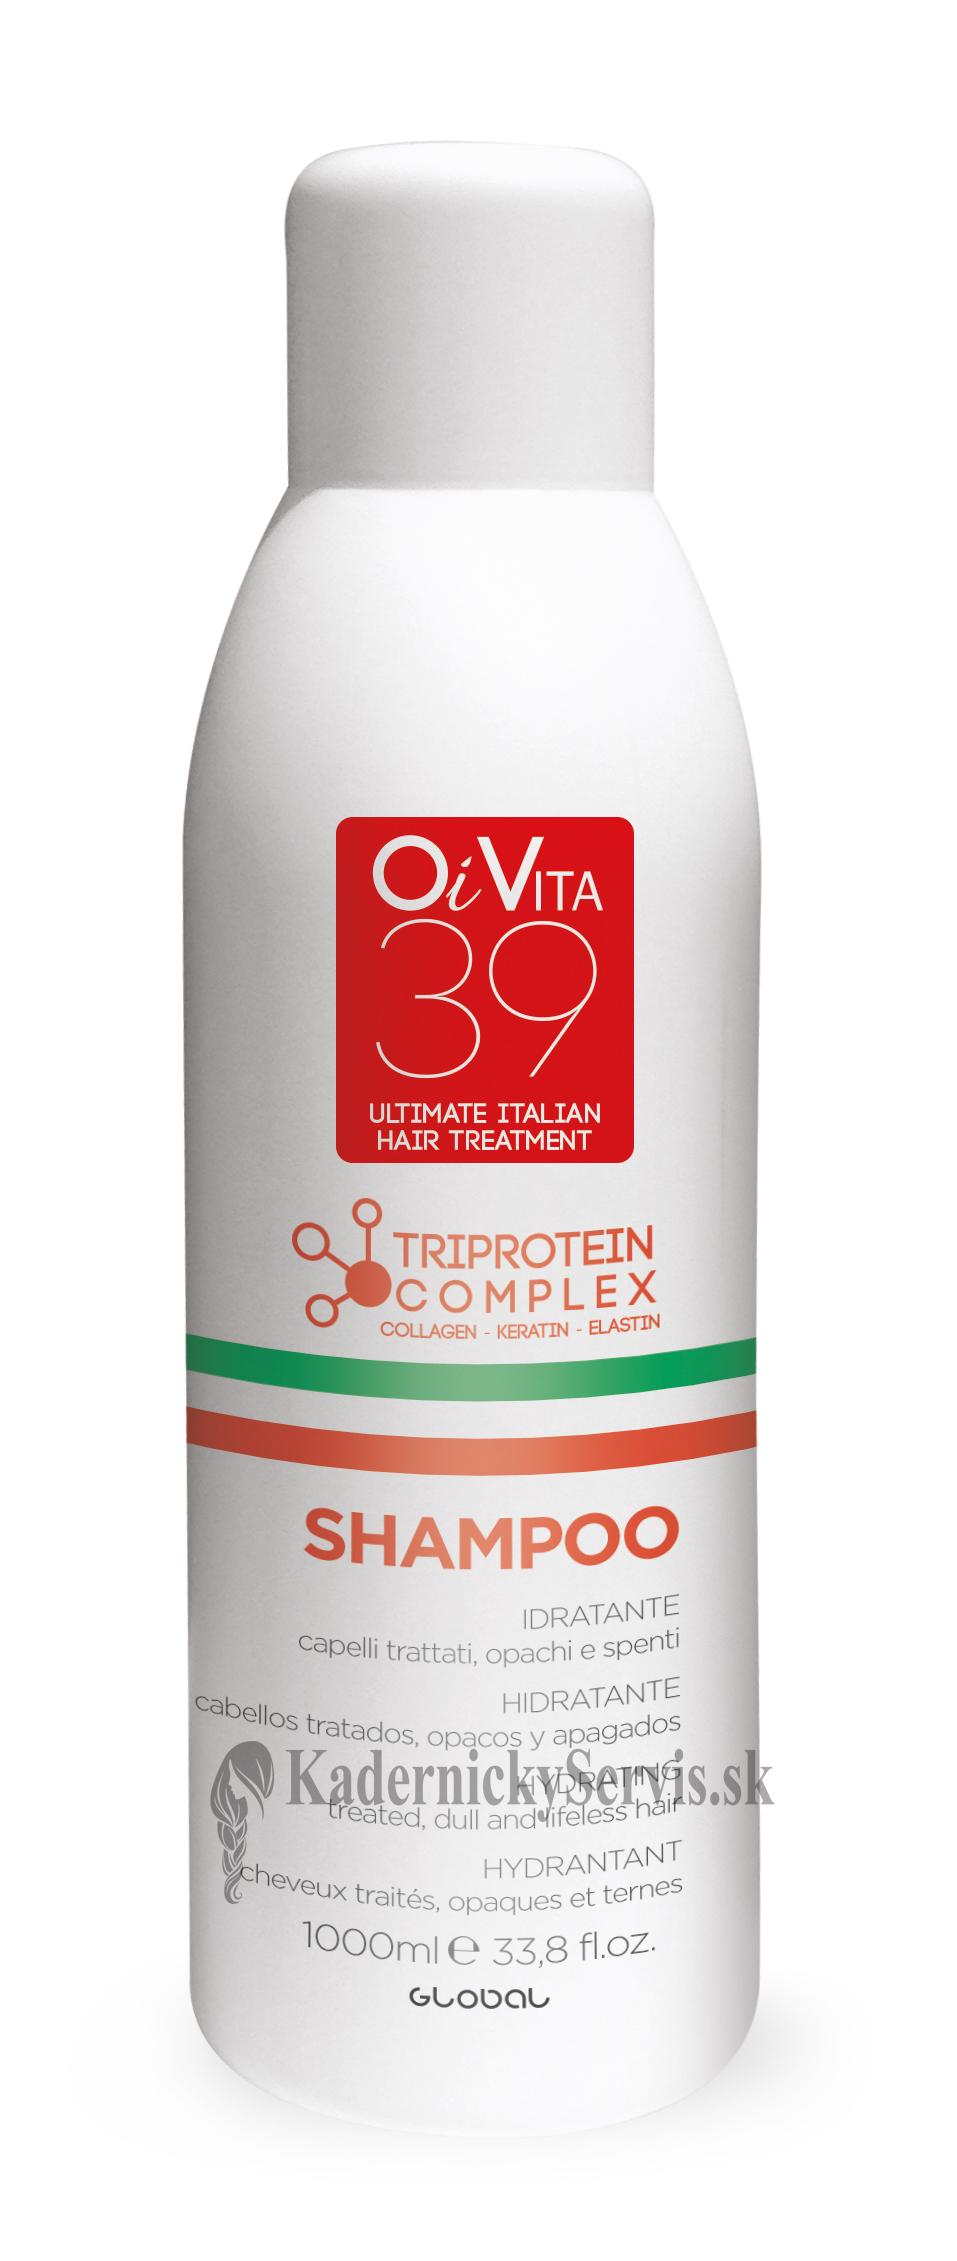 OiVita 39 Hydratační šampon - rekonštrukčný vyživující šampon, 1000 ml